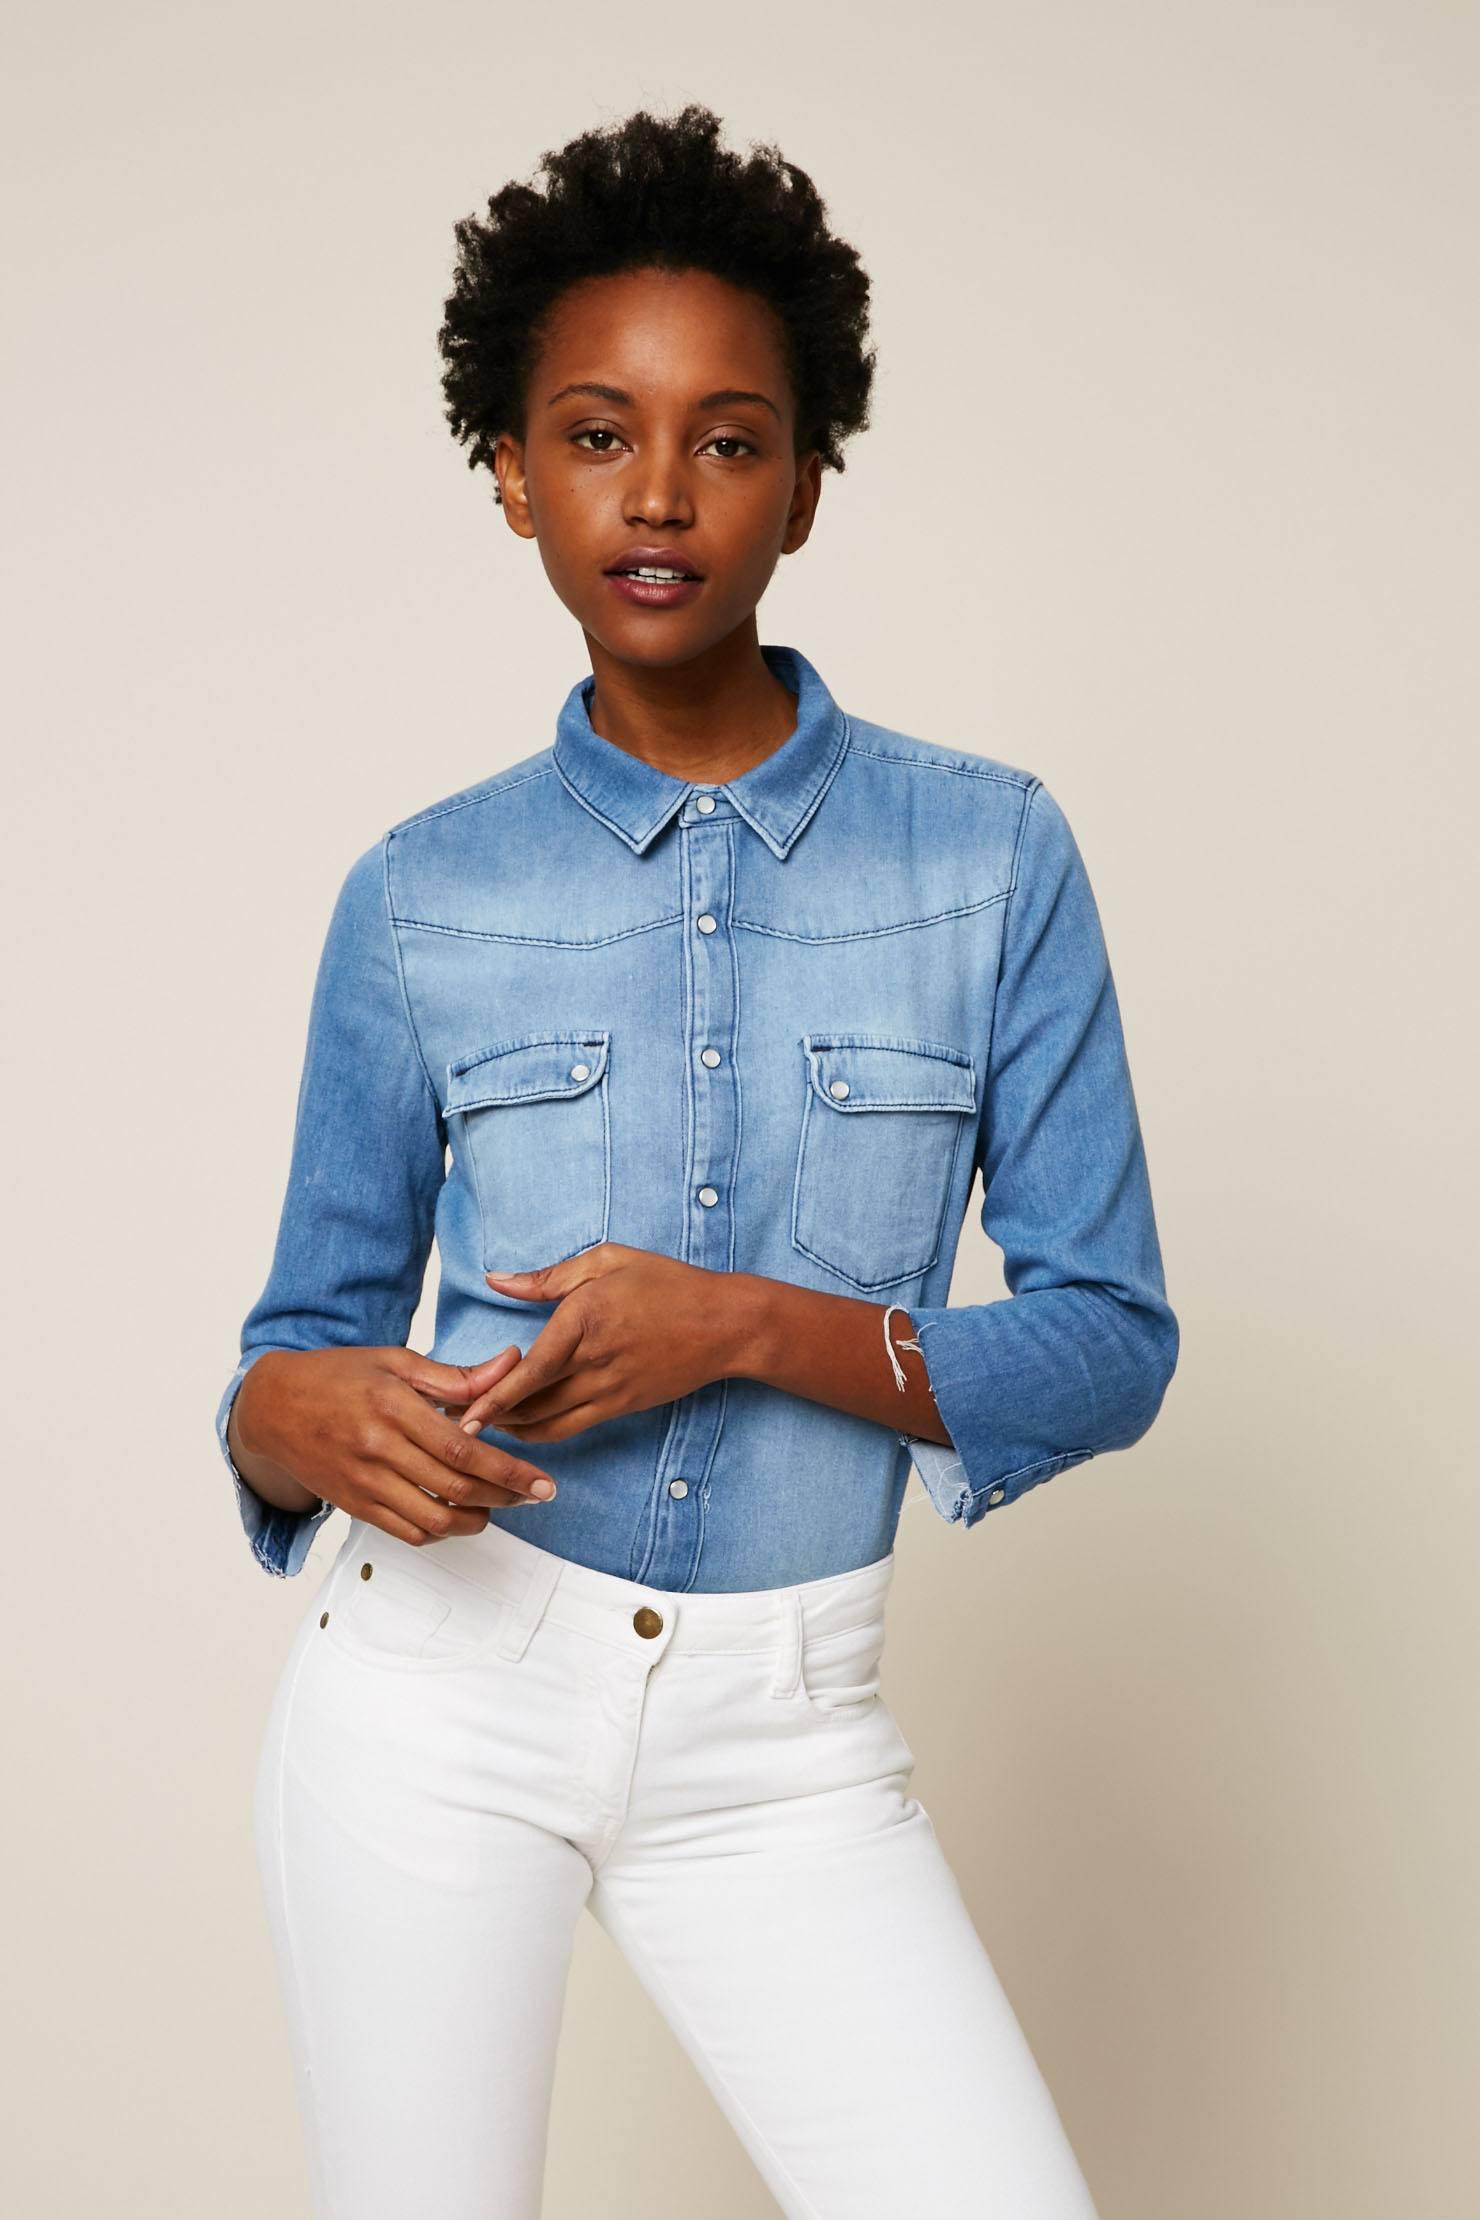 chemise femme en jean chemise en jean diesel de lilla bleu used brodee femme chemise jeans. Black Bedroom Furniture Sets. Home Design Ideas